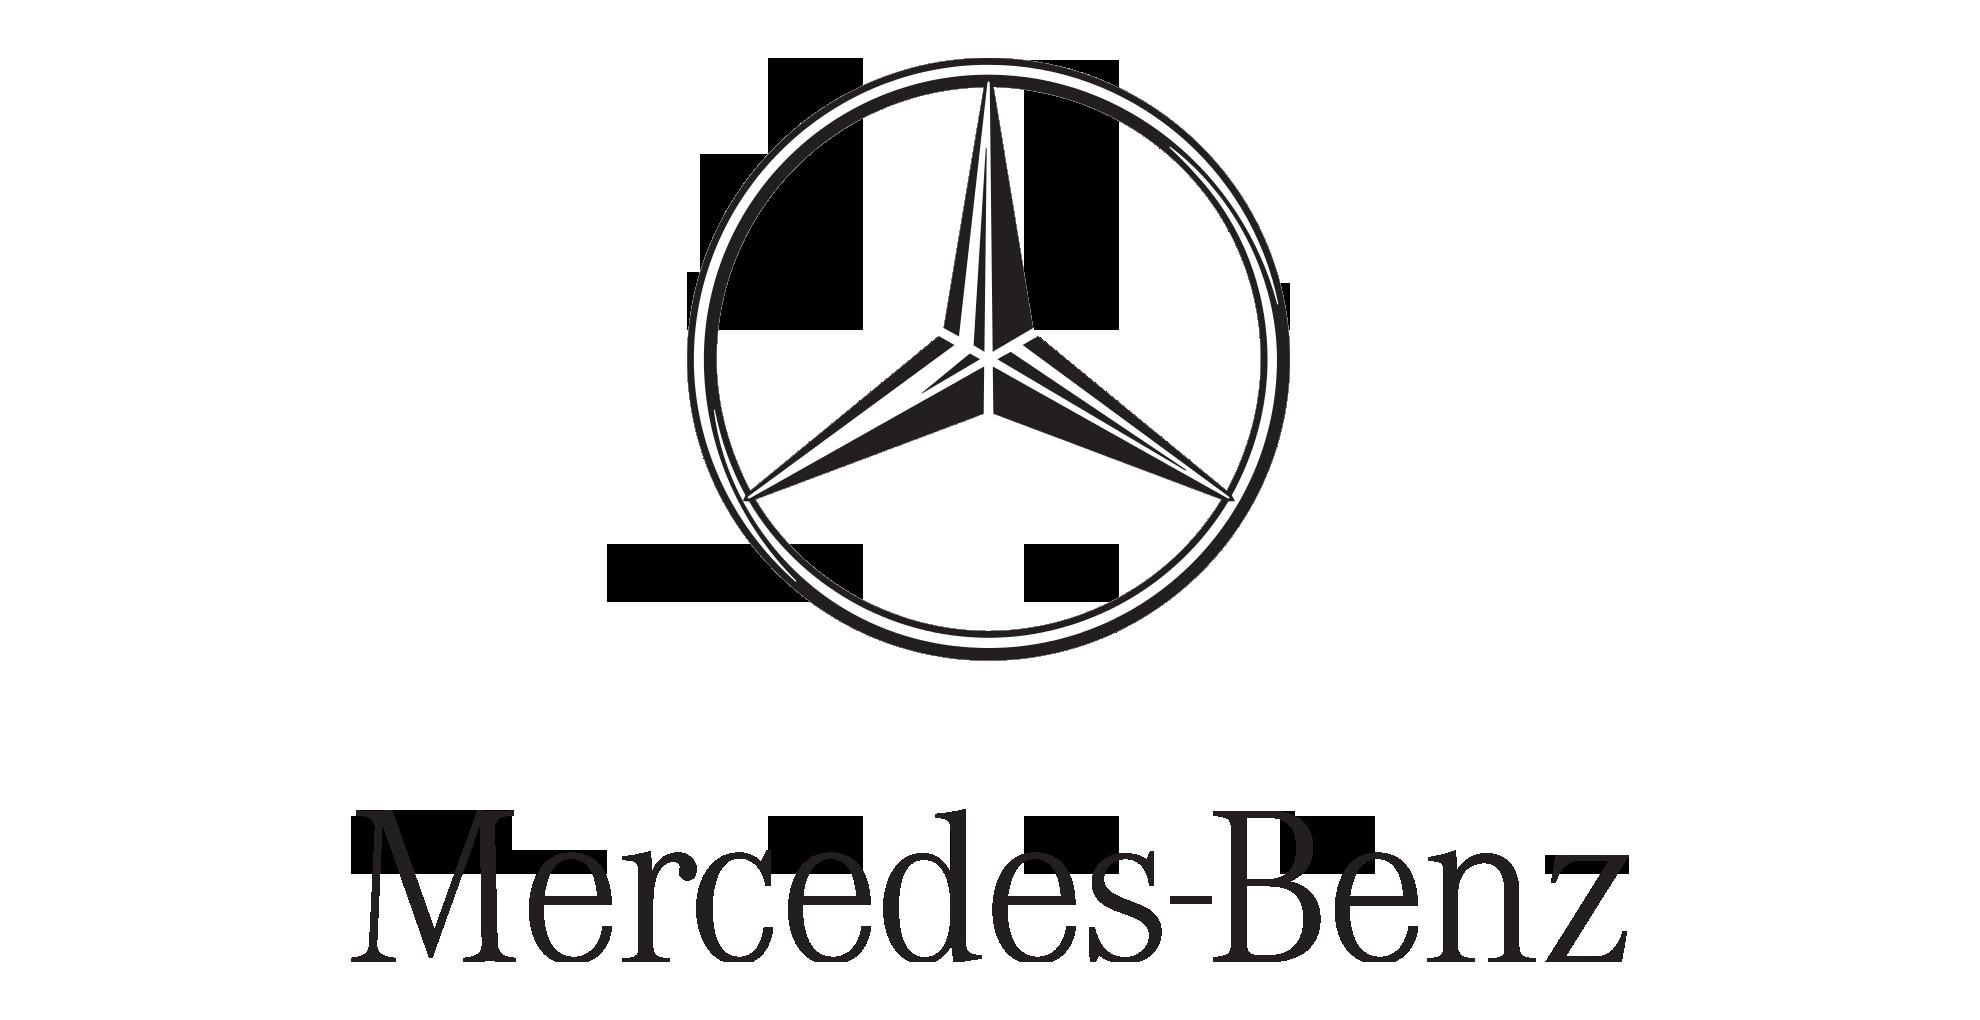 mercedes benz logo png transparent mercedes benz logopng